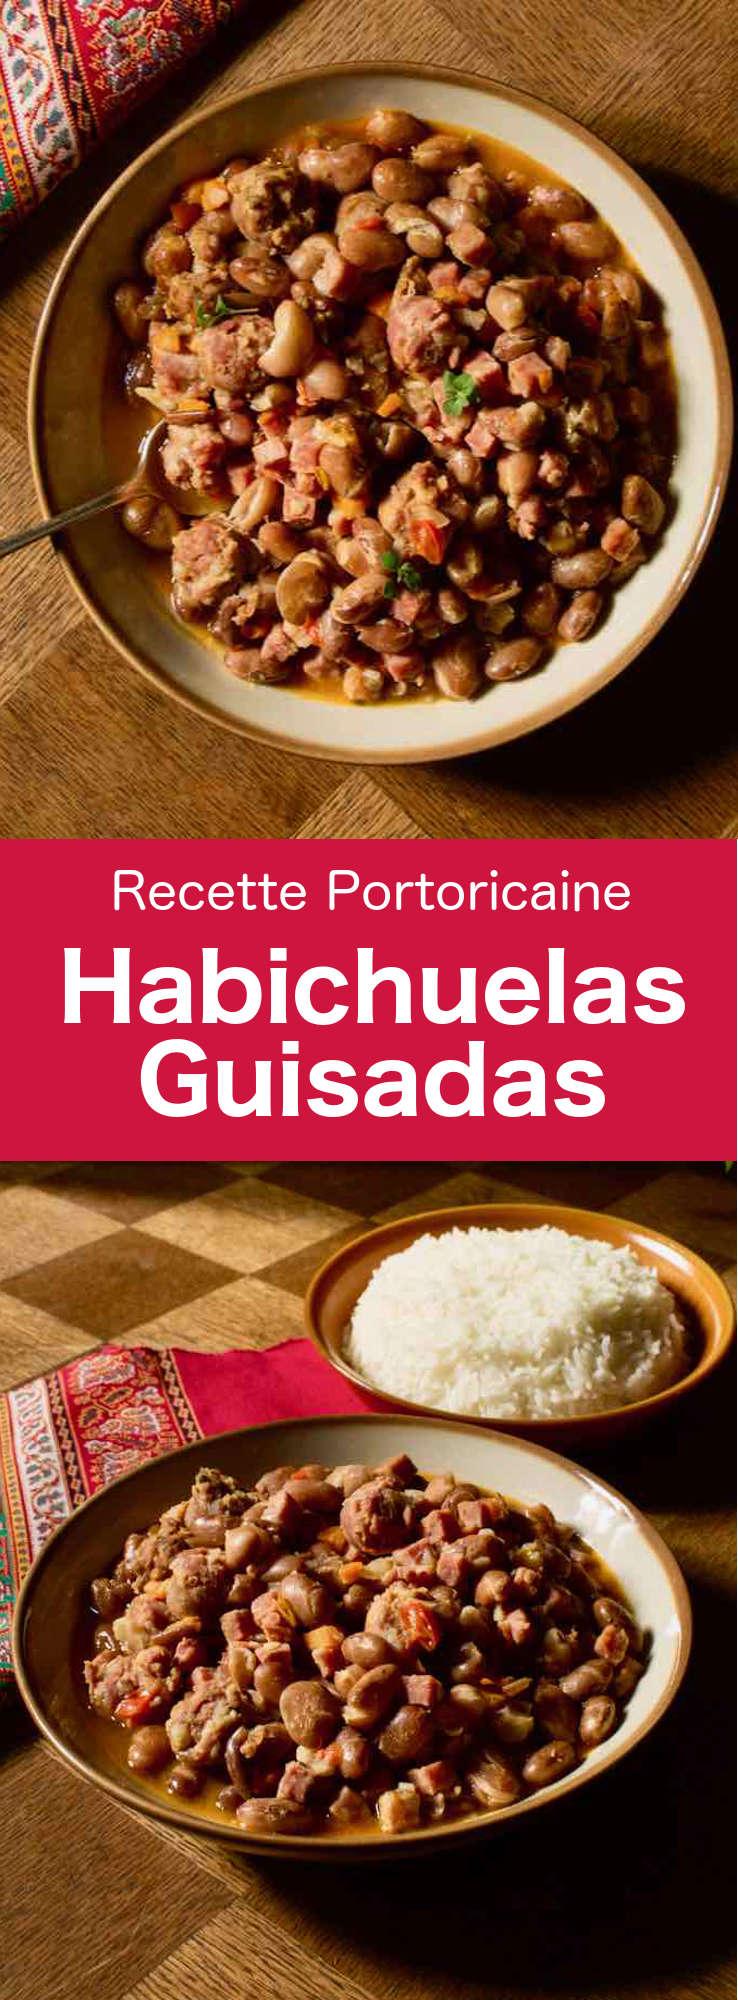 Les habichuelas guisadas sont un délicieux ragoût traditionnel de Porto Rico à base de haricots roses (haricots pinto), de porc et de sofrito. #PortoRico #CuisinePortoricaine #RecettePortoRicaine #RecetteDesCaraibes #CuisineDuMonde #196flavors